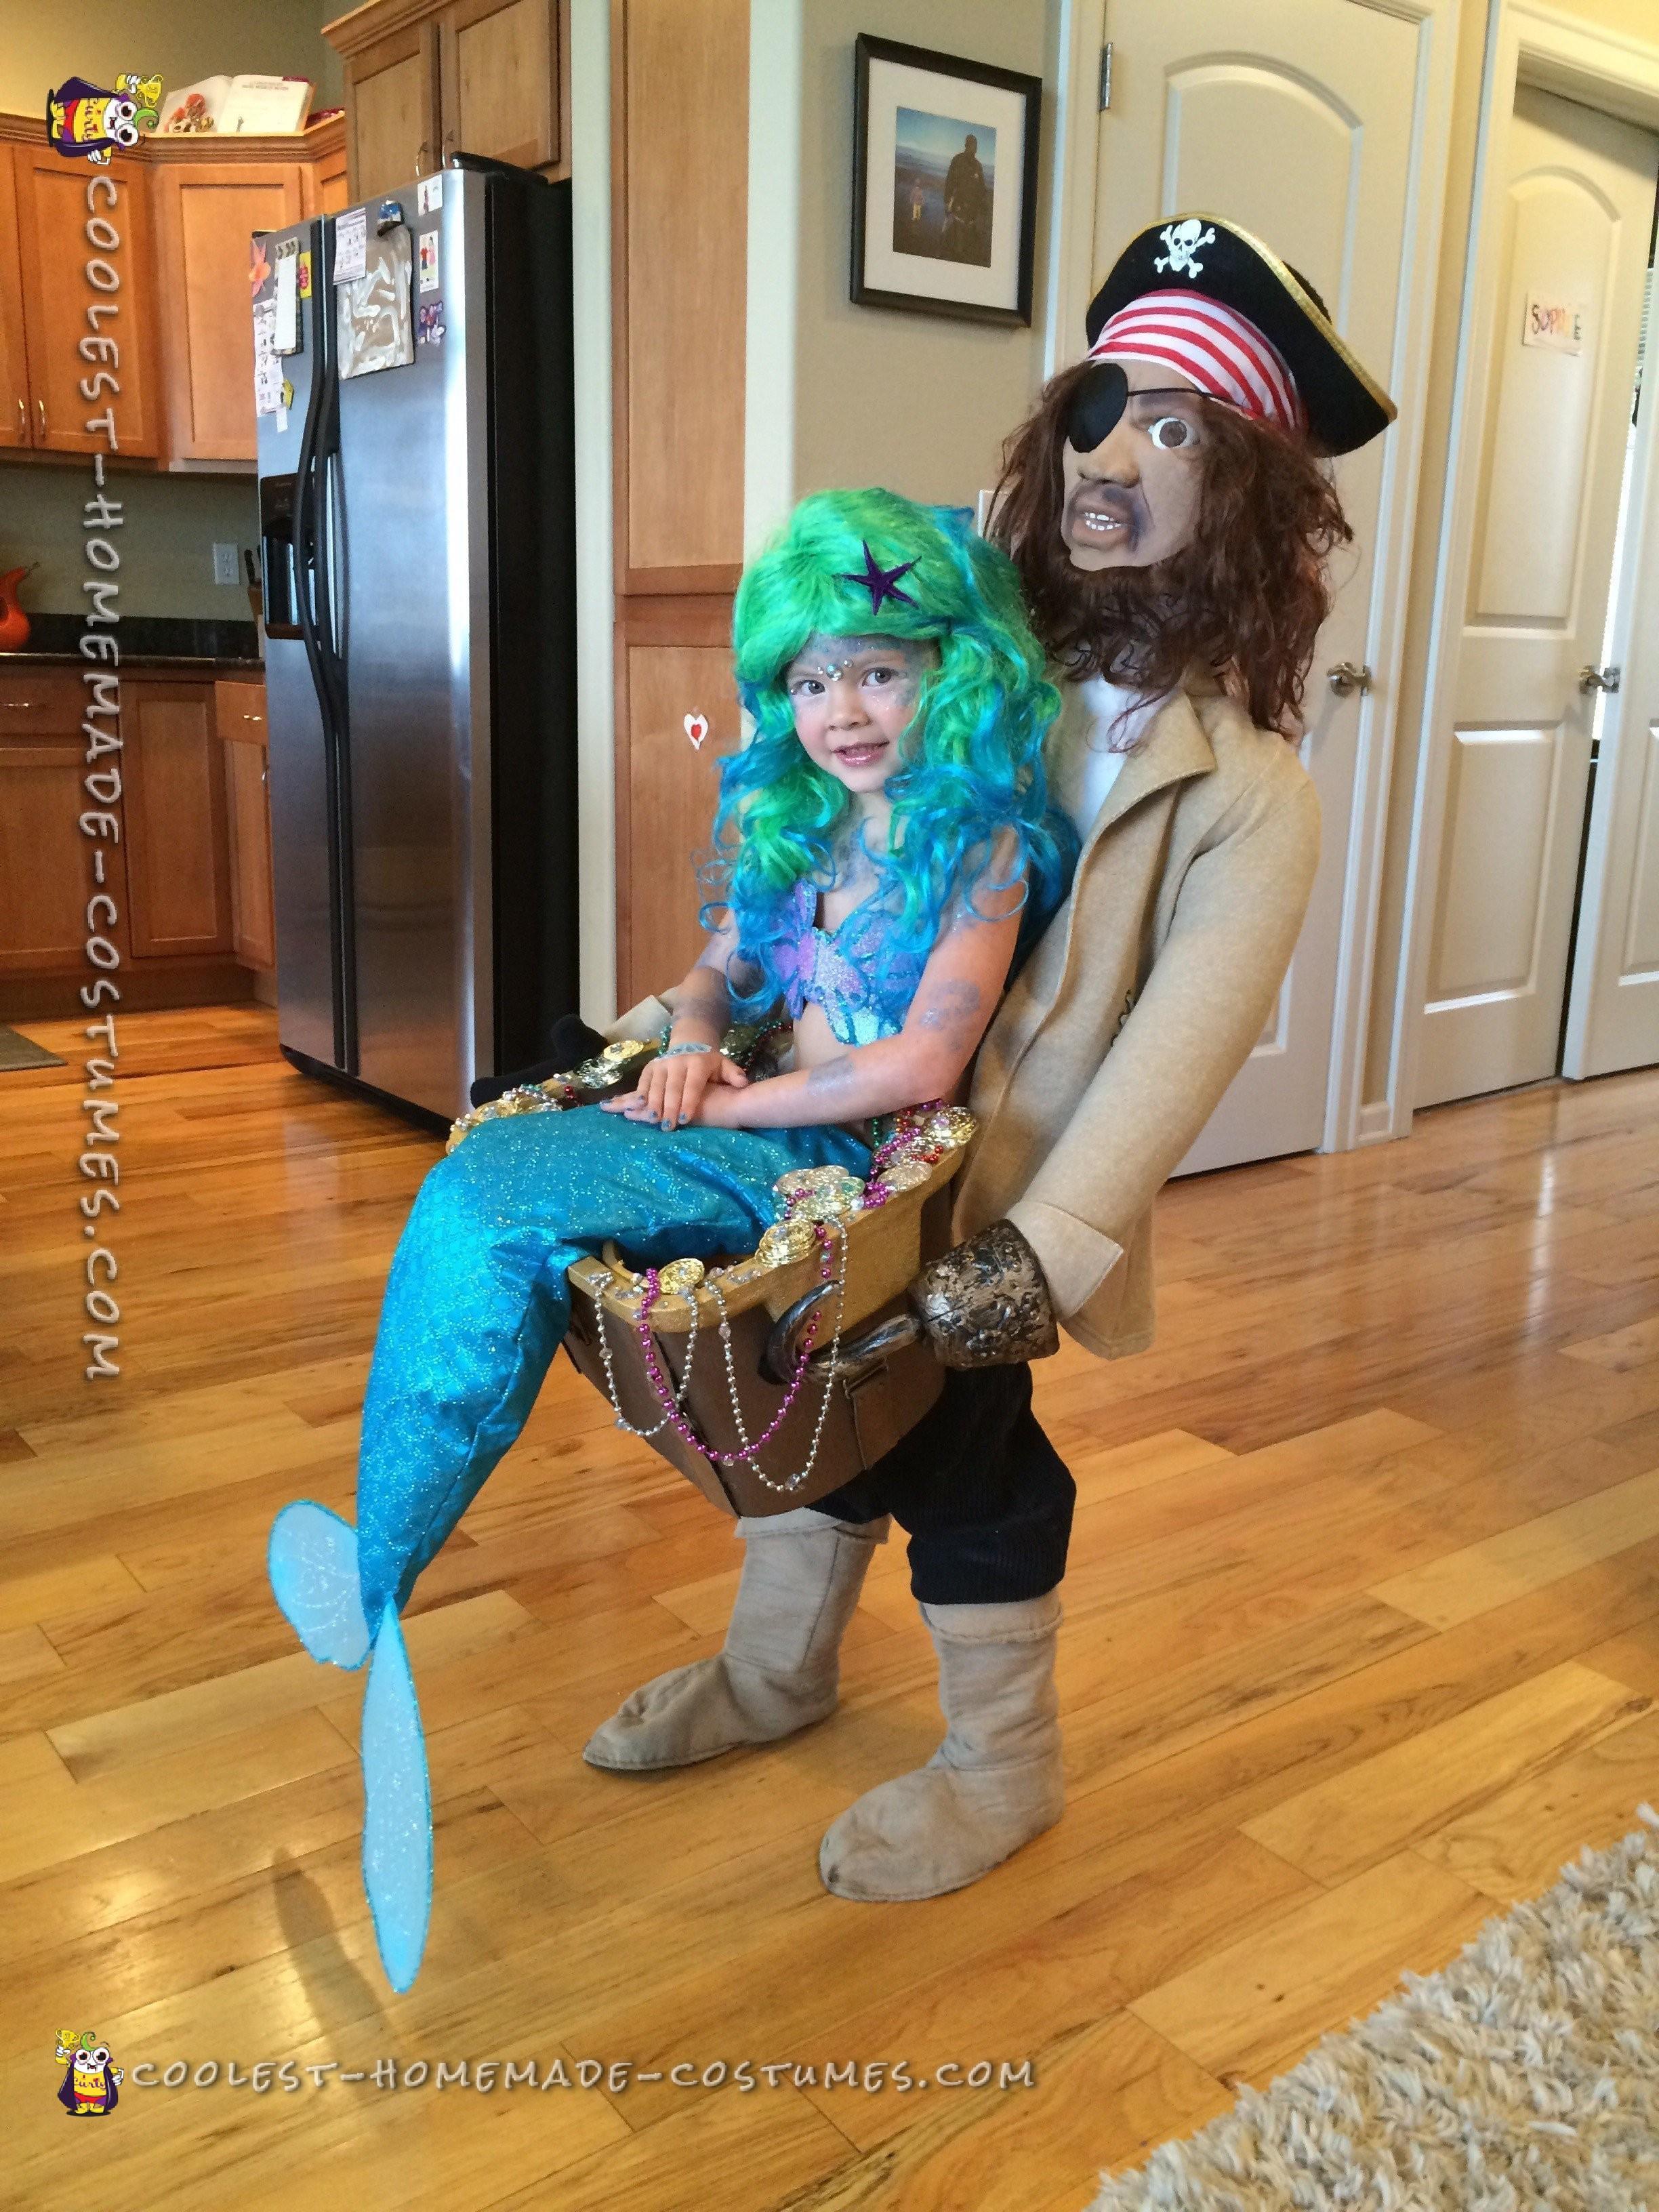 Blackbeard Discovers Mermaid Illusion Costume